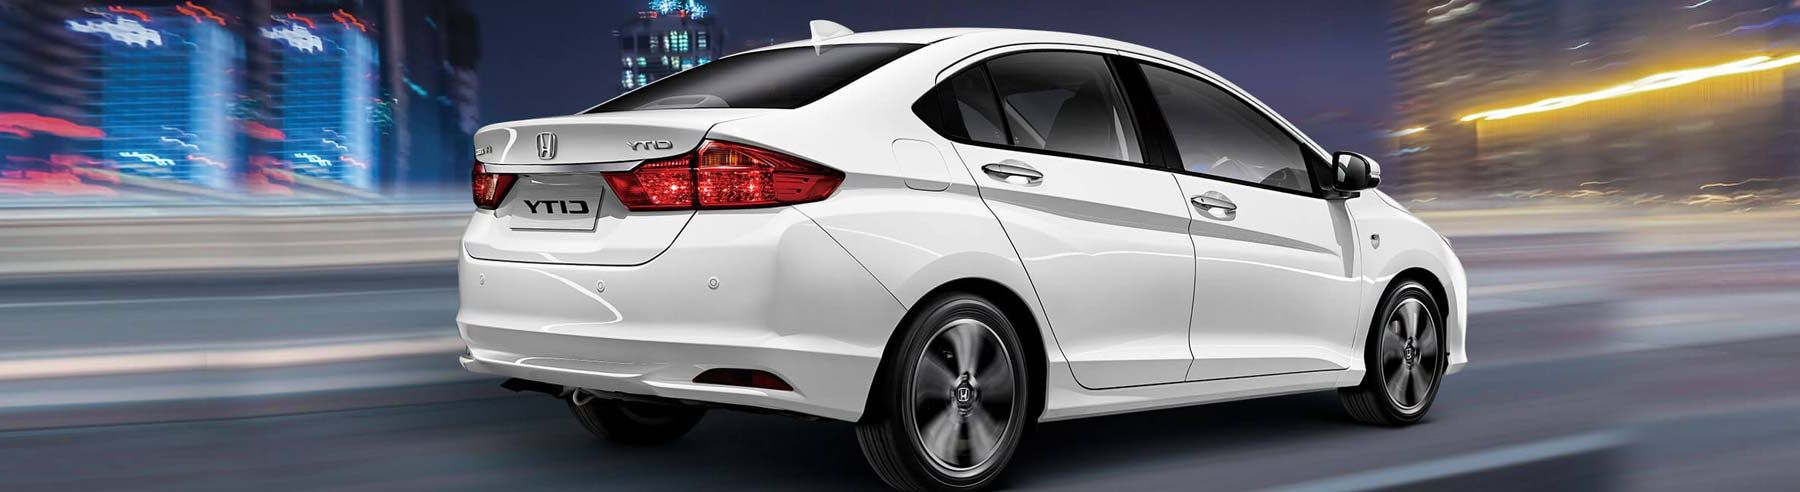 Honda City Car Rental Services Delhi Hire Honda City On Rent Delhi